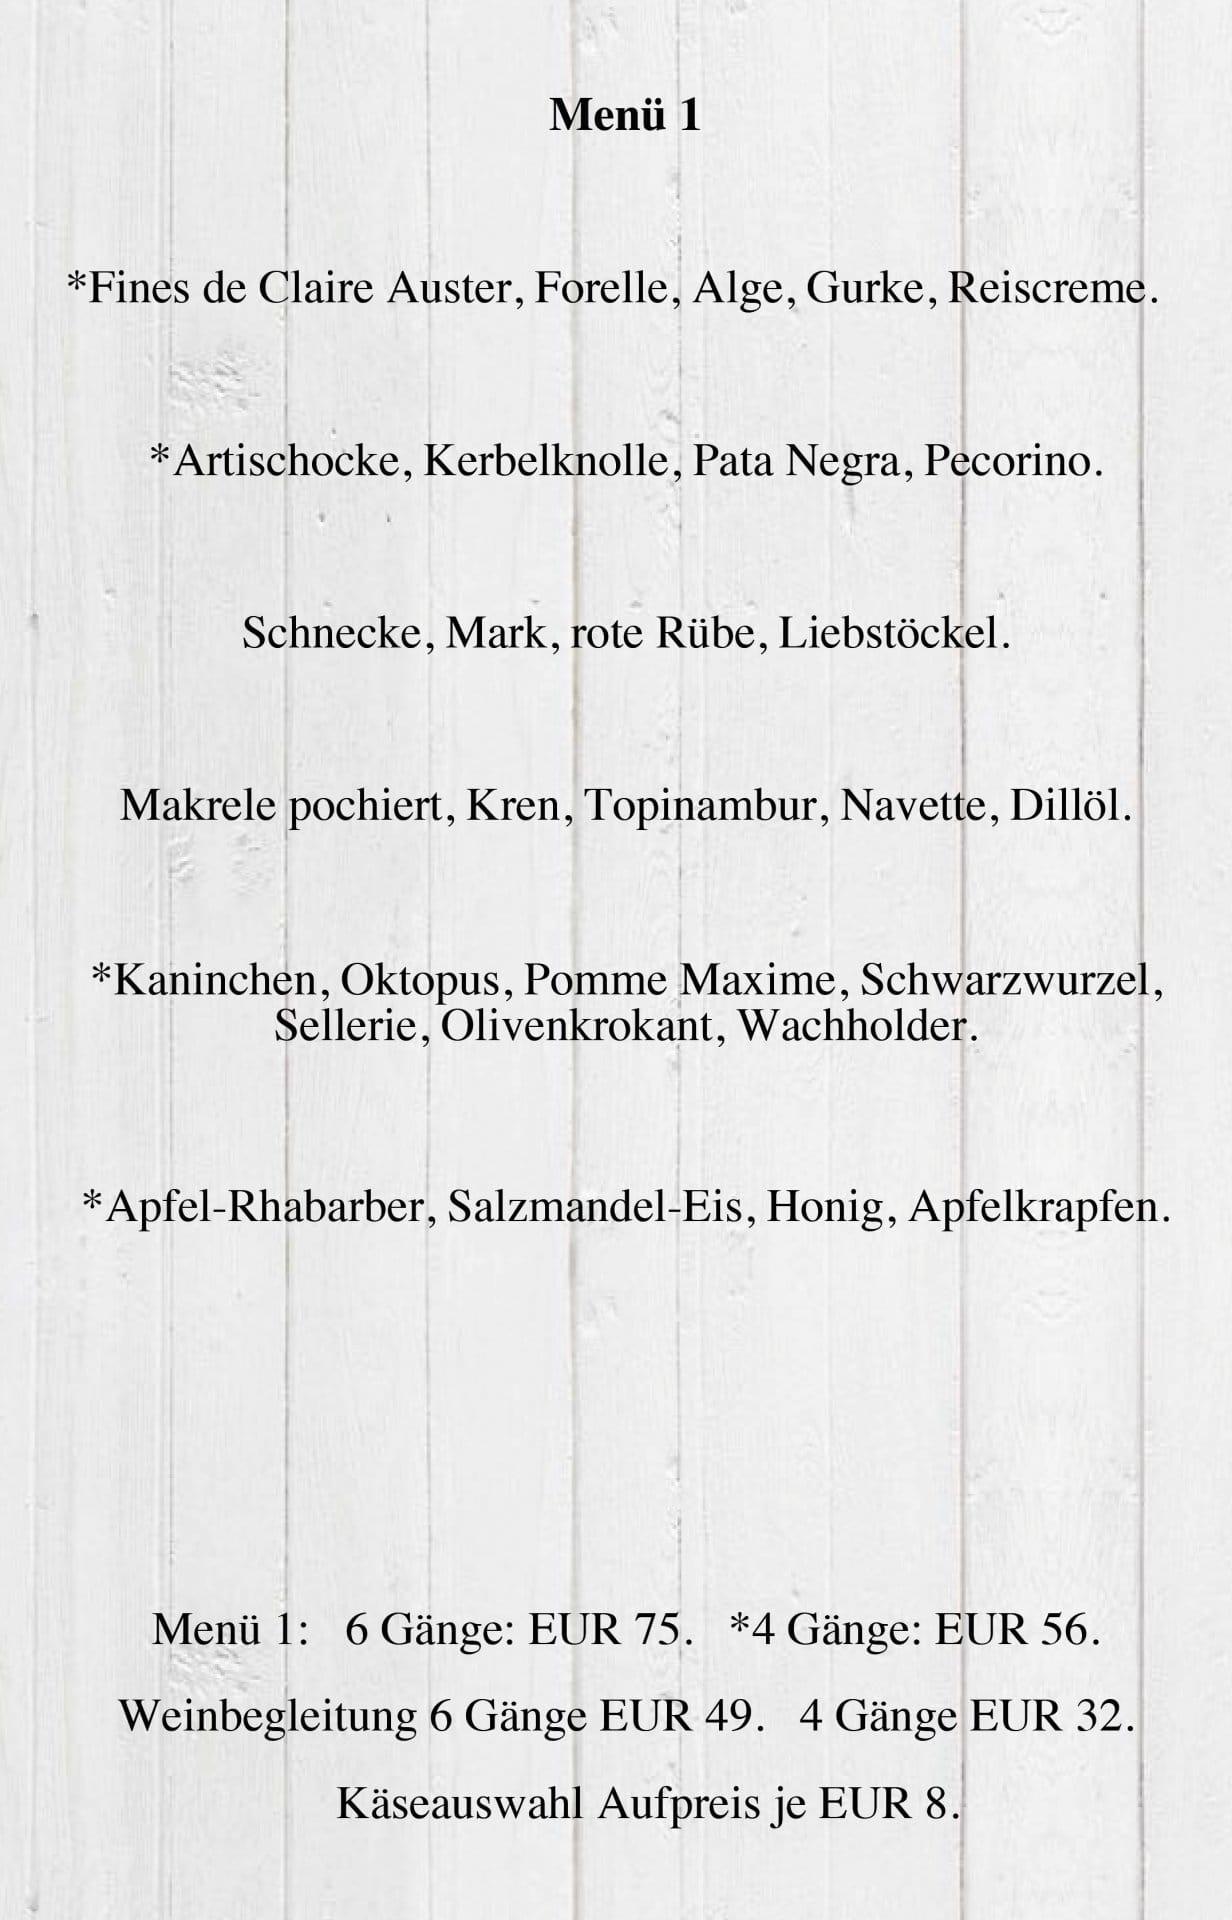 Kf menu1